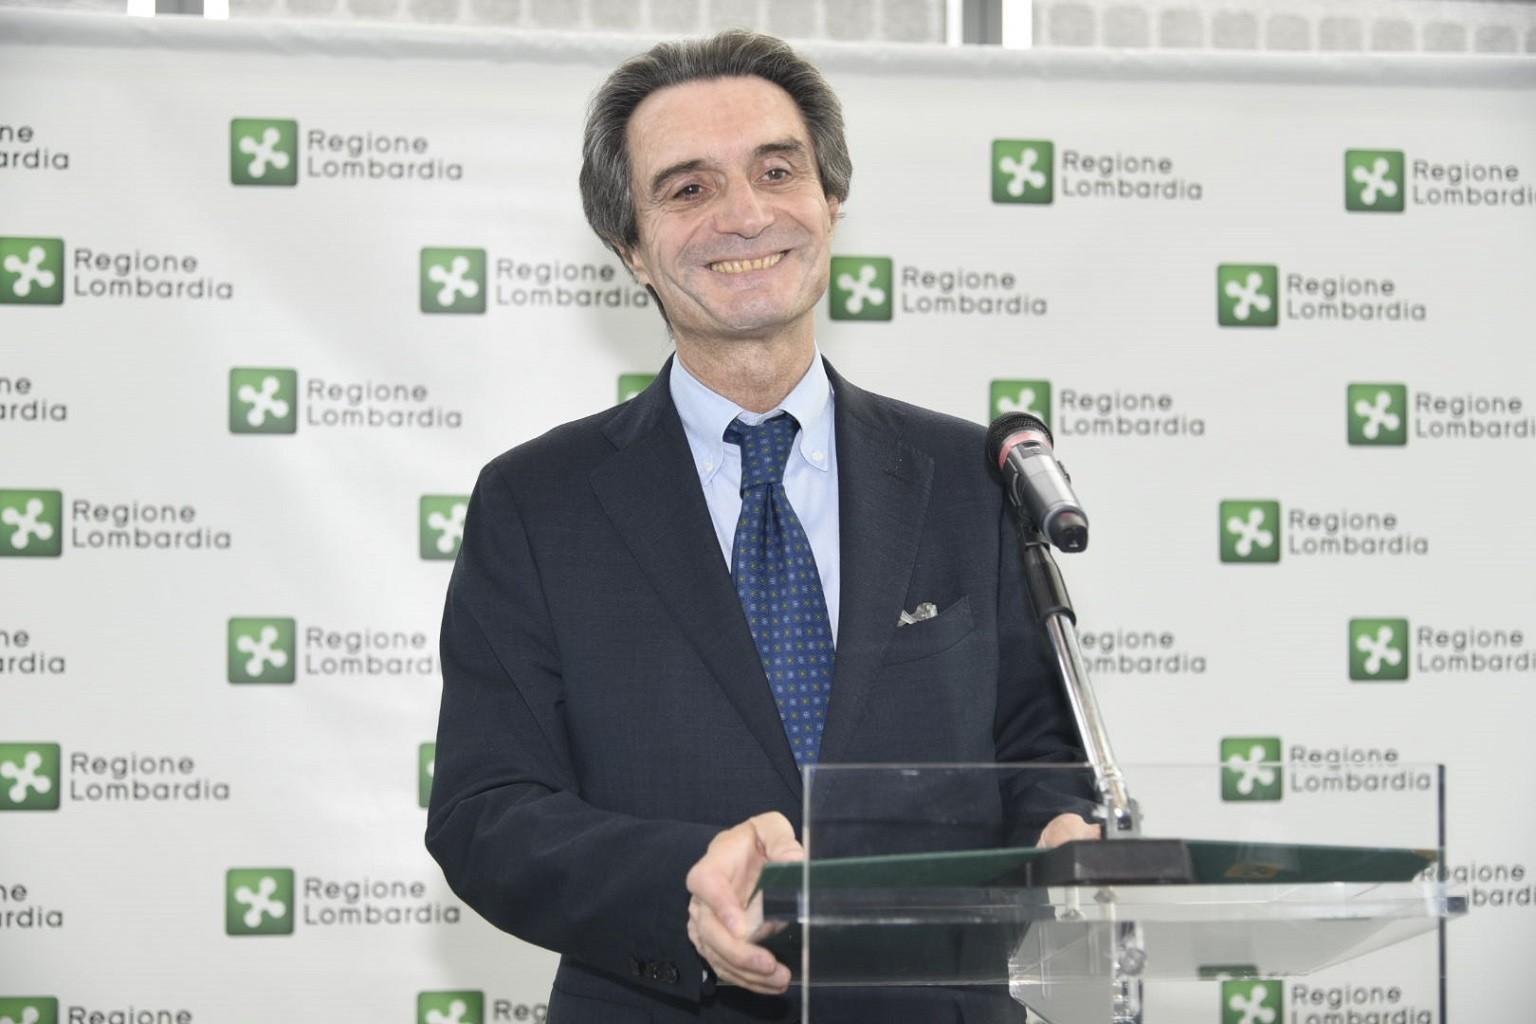 Fontana e Gallera, stanziati altri 120 milioni di euro per la sanità